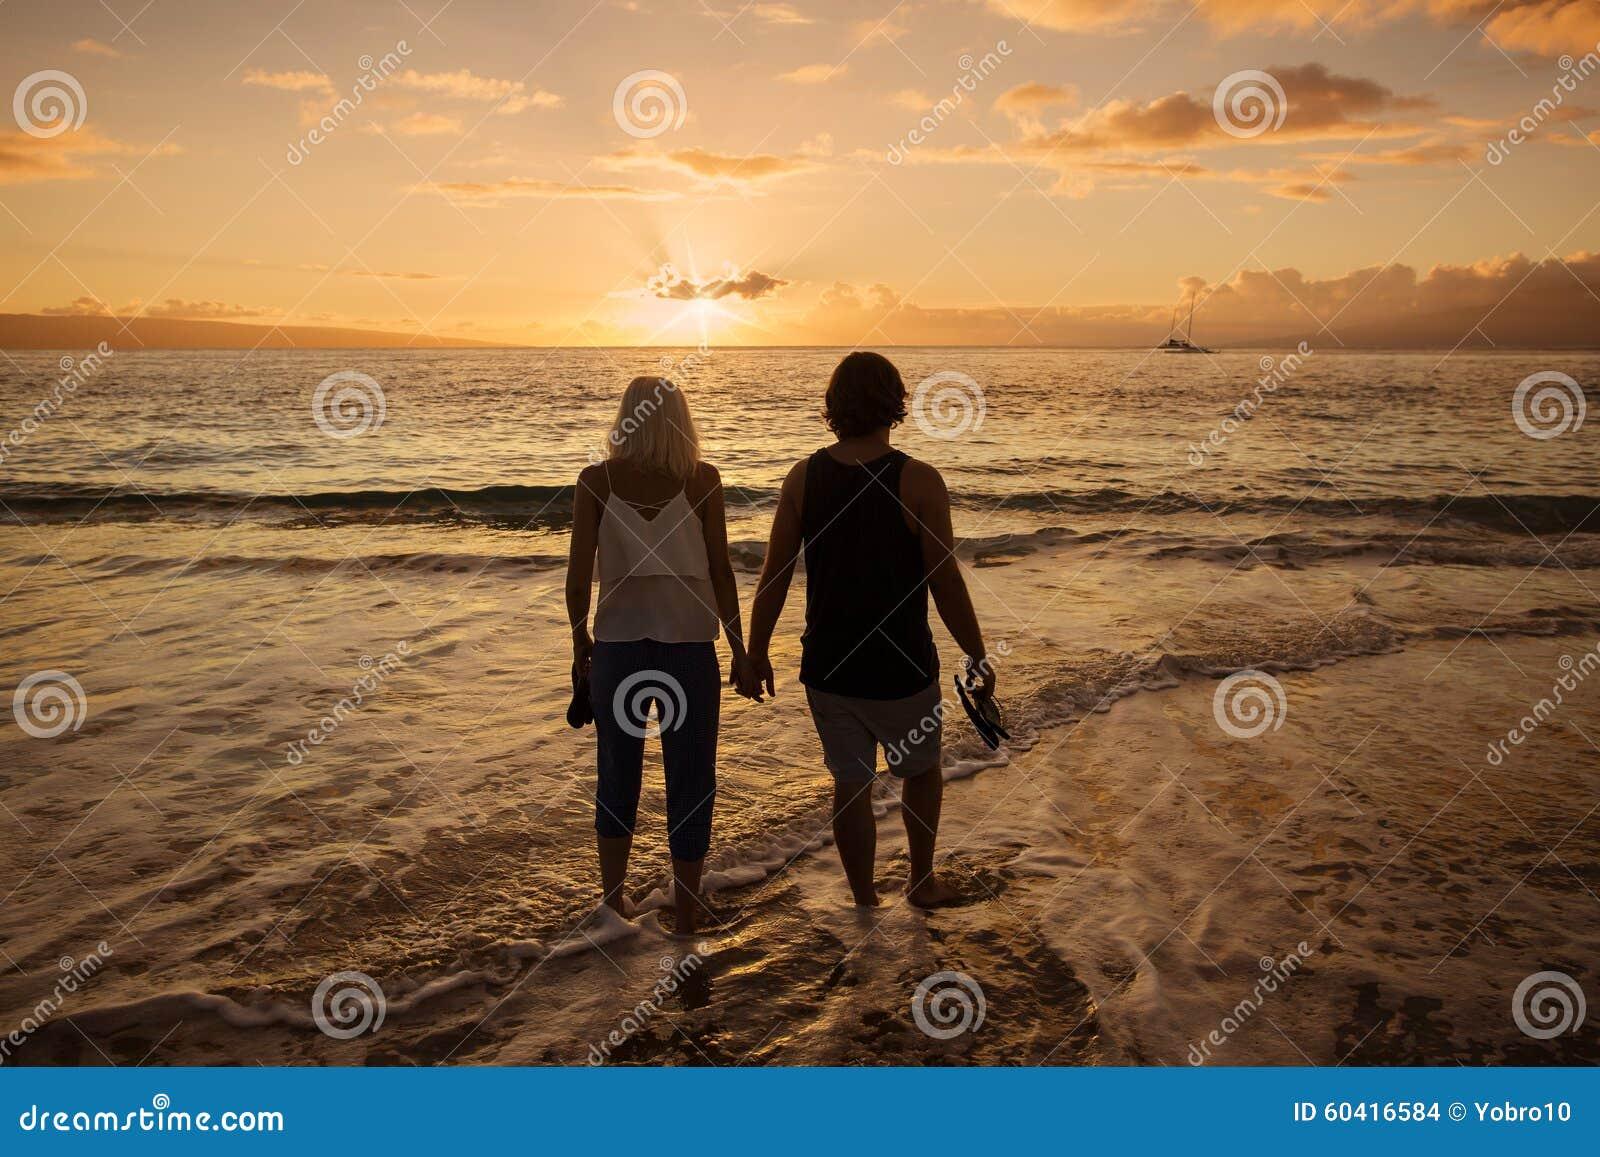 Ερωτευμένο περπάτημα ζεύγους κατά μήκος της παραλίας μαζί στο ηλιοβασίλεμα